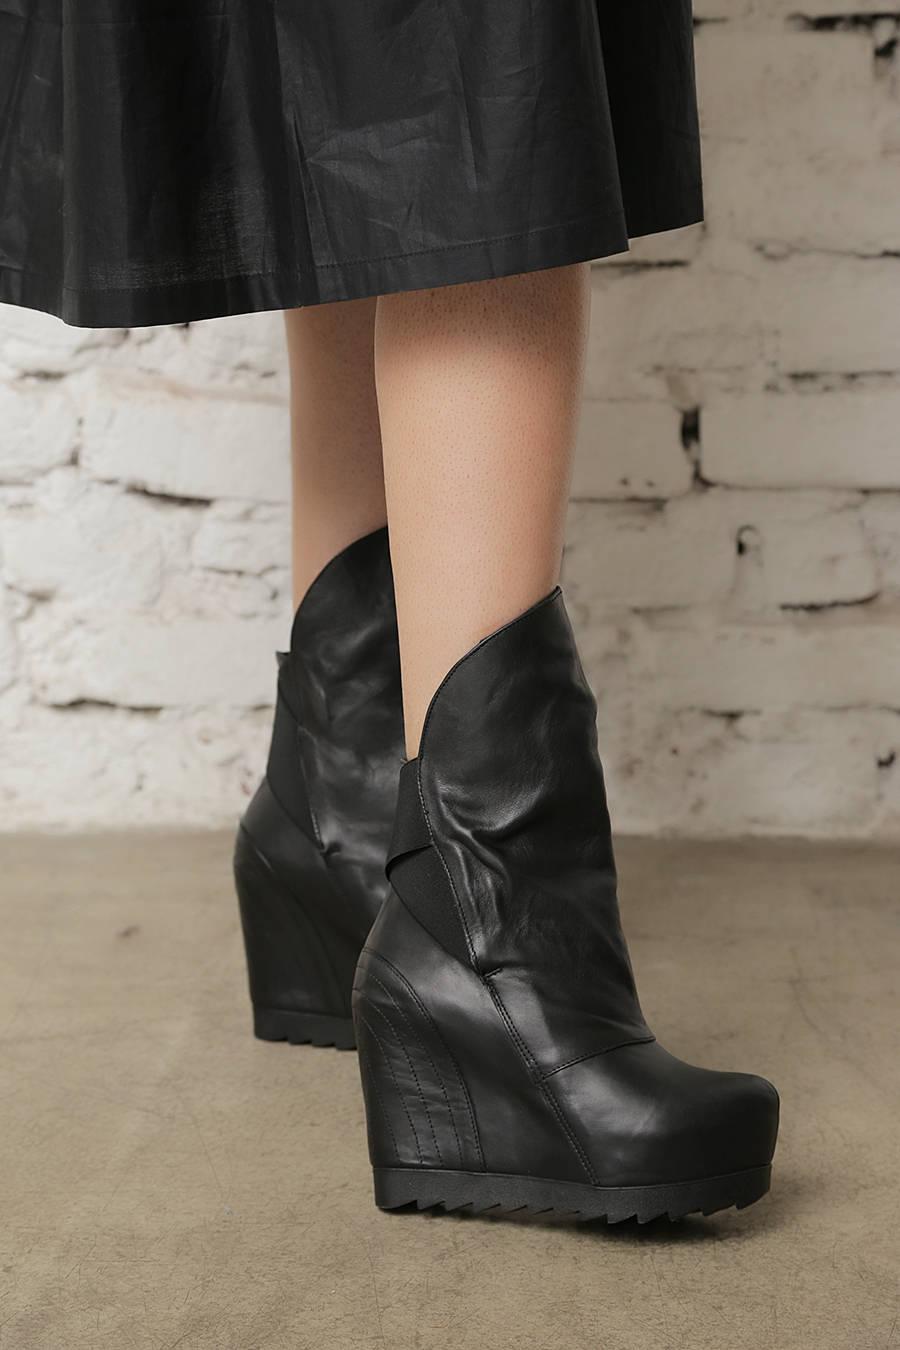 32a1c269eff Shoes - ALLSEAMS